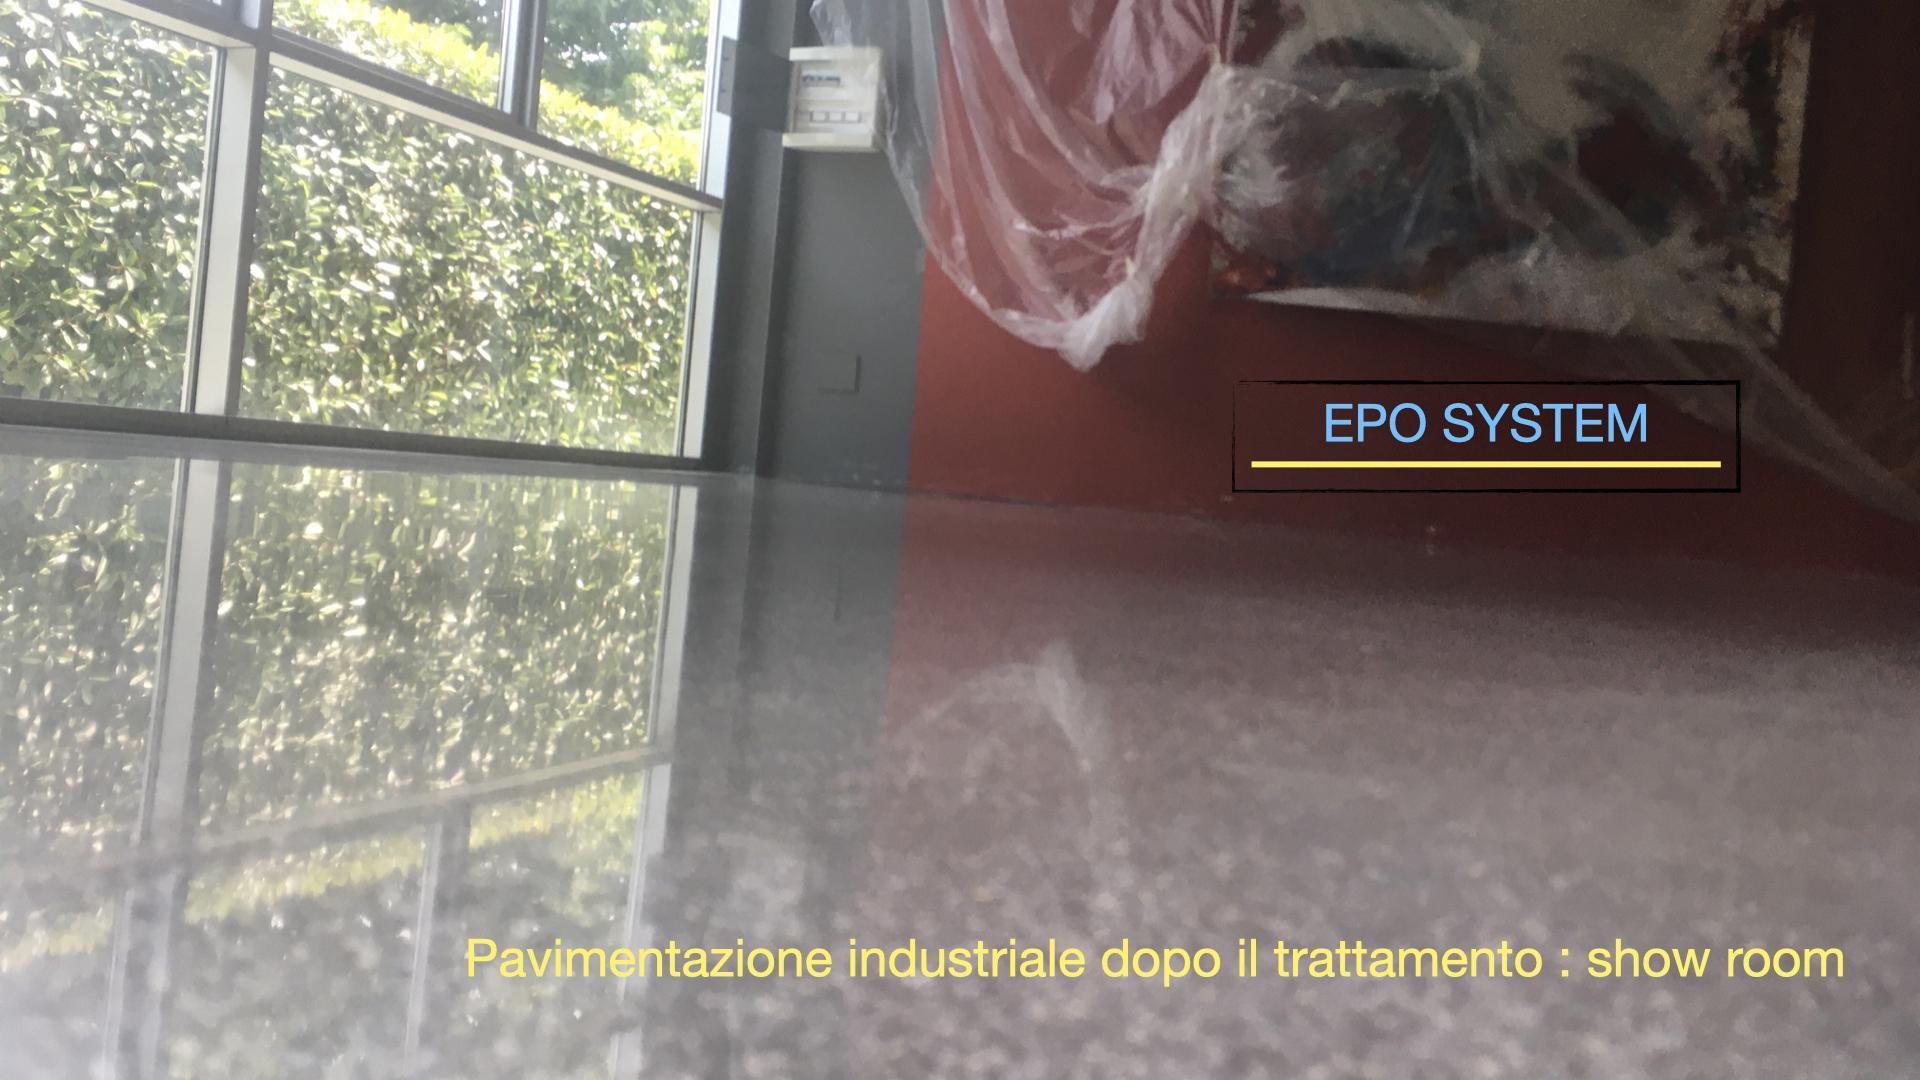 Epo System trattamenti pavimentazioni industriali rinnovo mediante levigatura e lucidatura